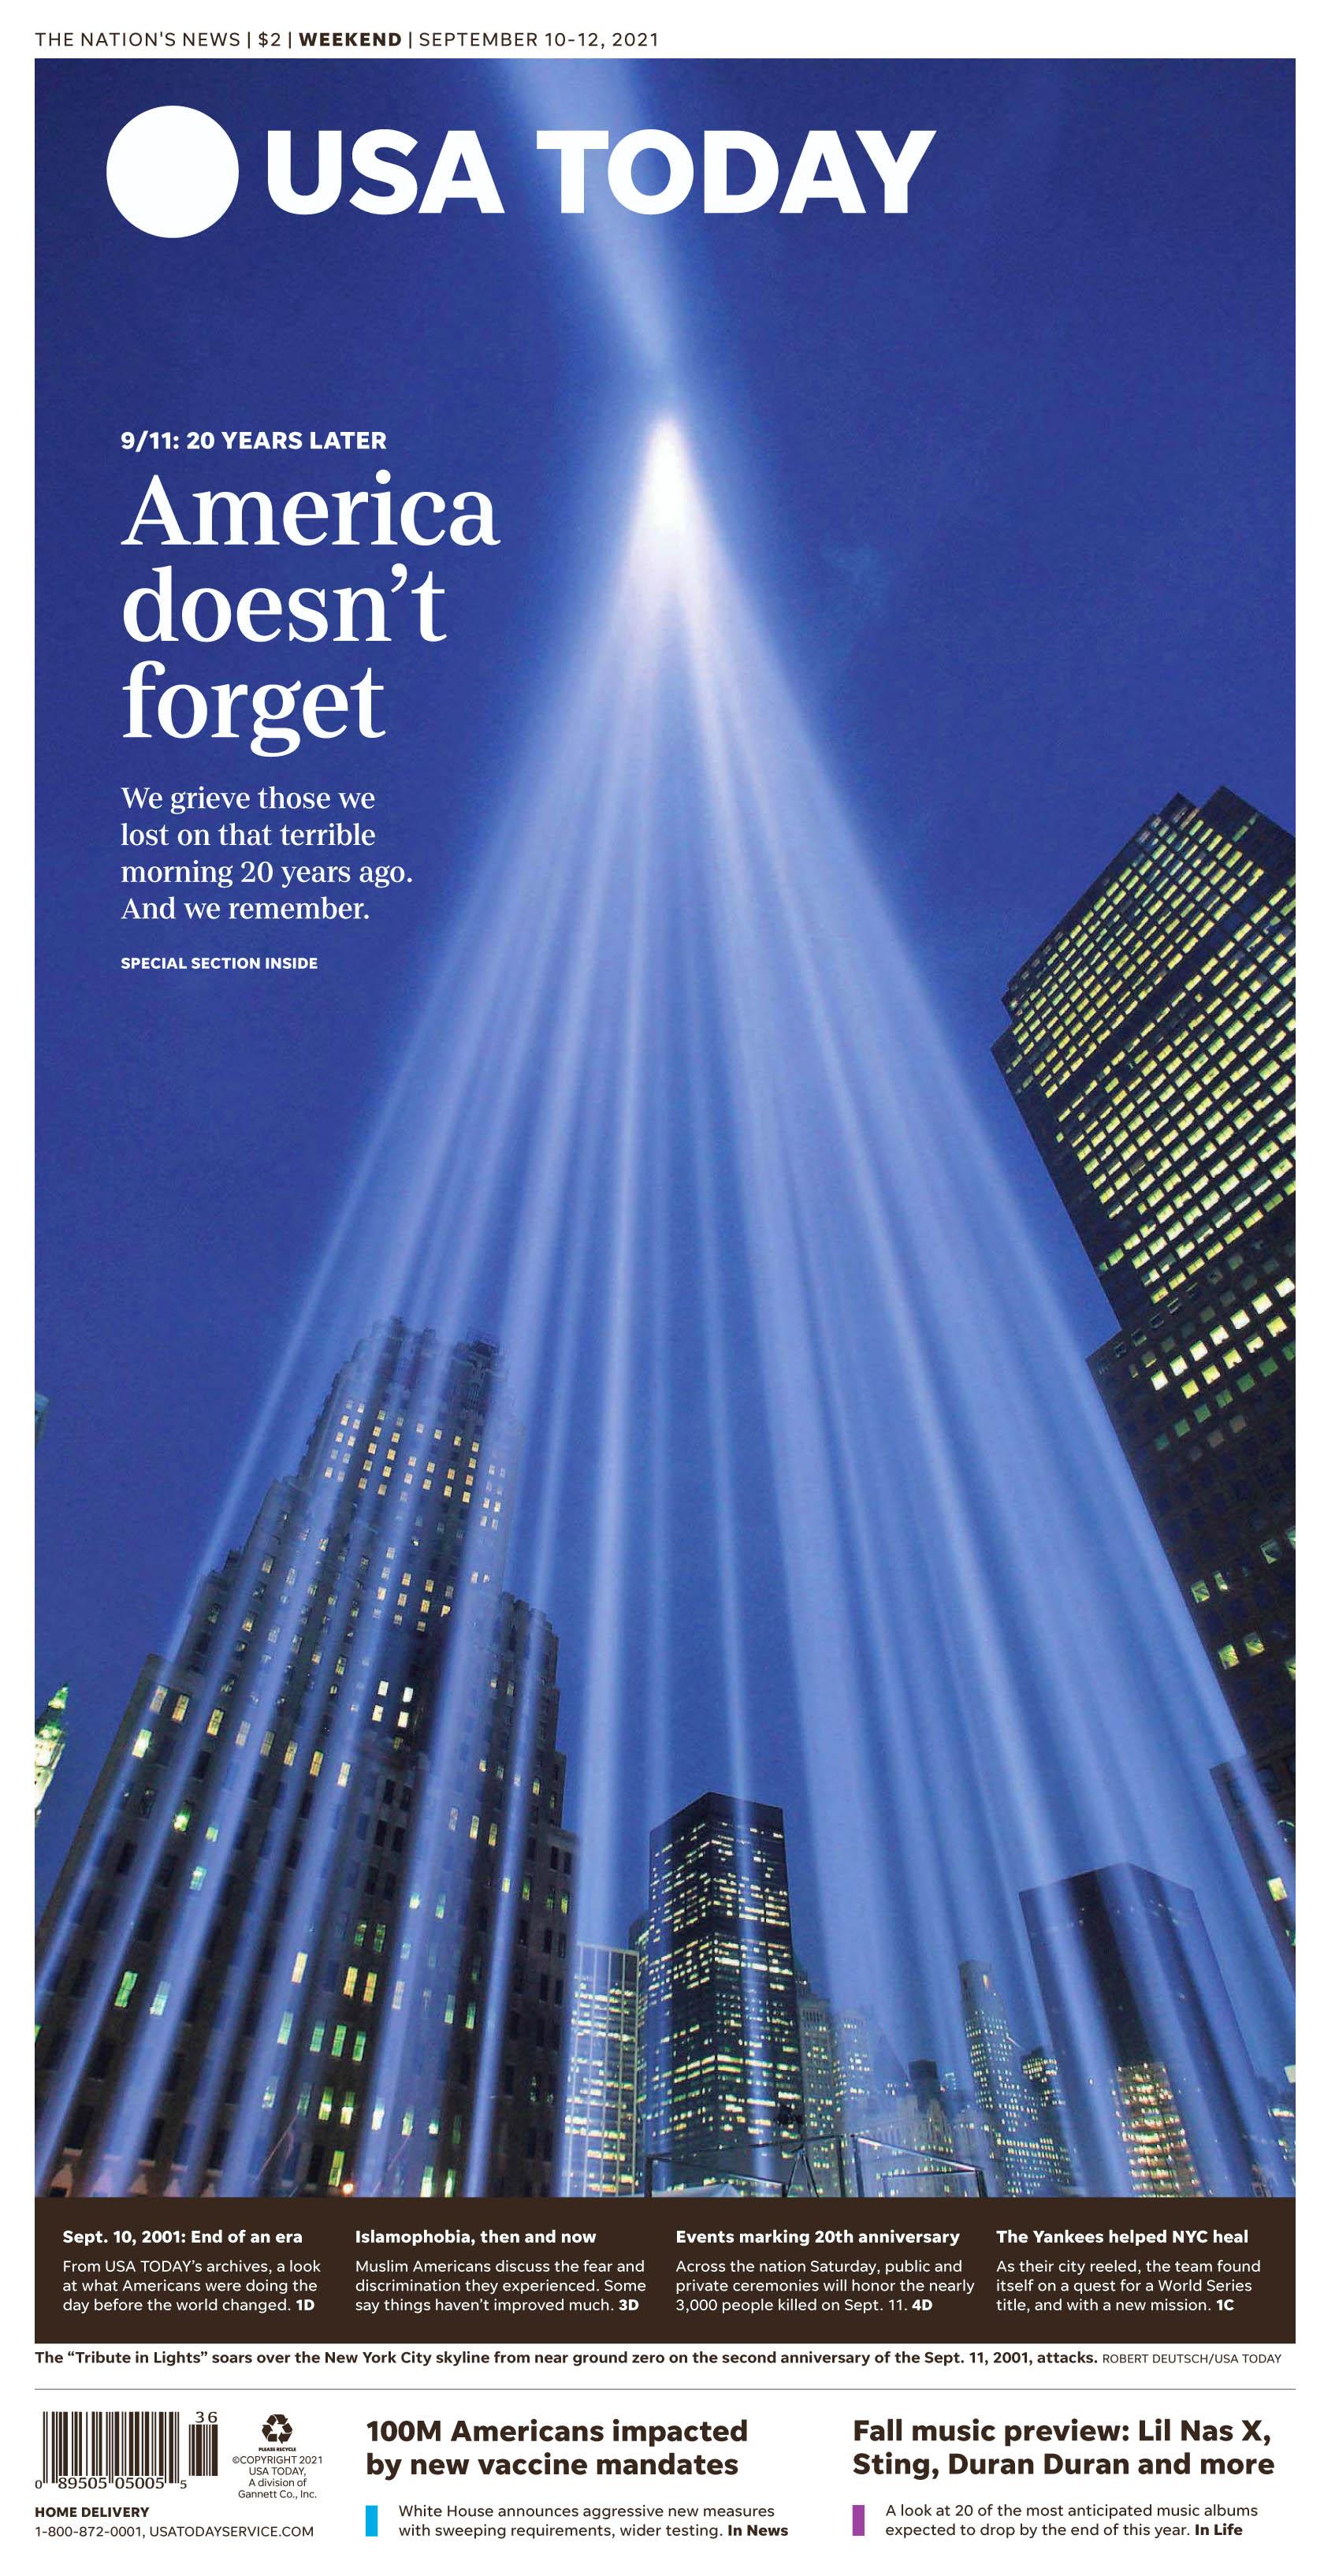 USA Today 210910 9-11.jpg